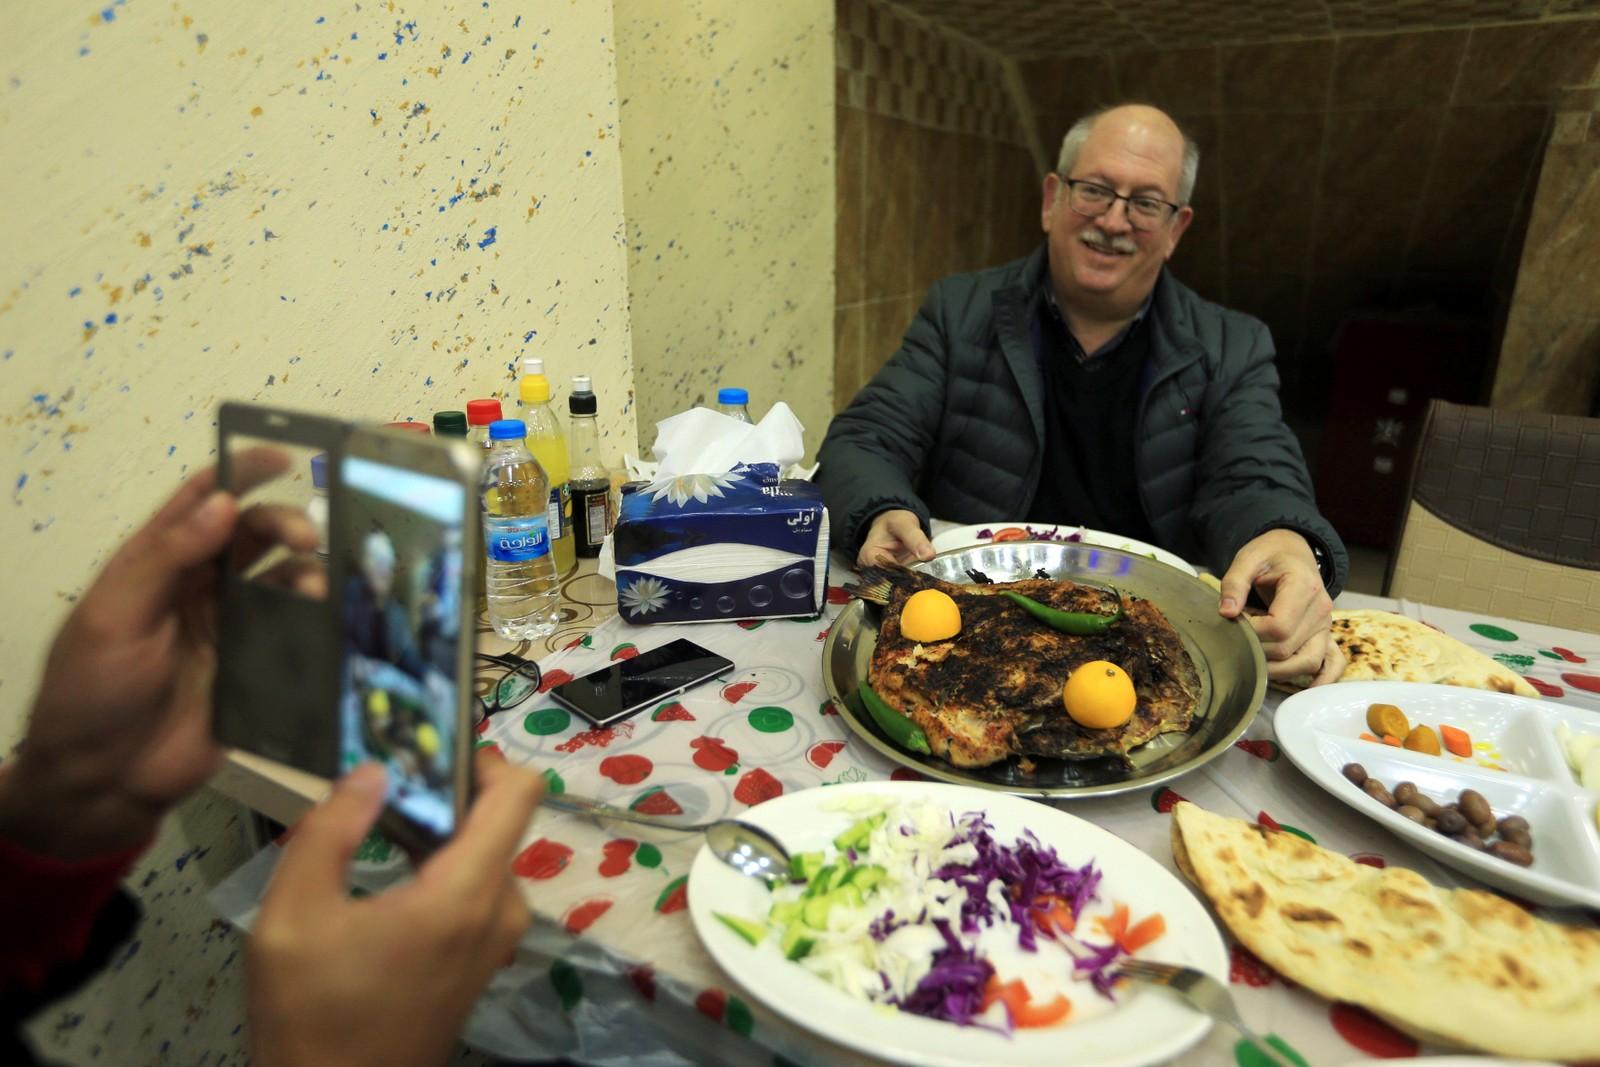 Enkelte har boikottet restauranten på grunn av Trumps uttalelser mot muslimer, men denne mannen ser ut til å være fornøyd.